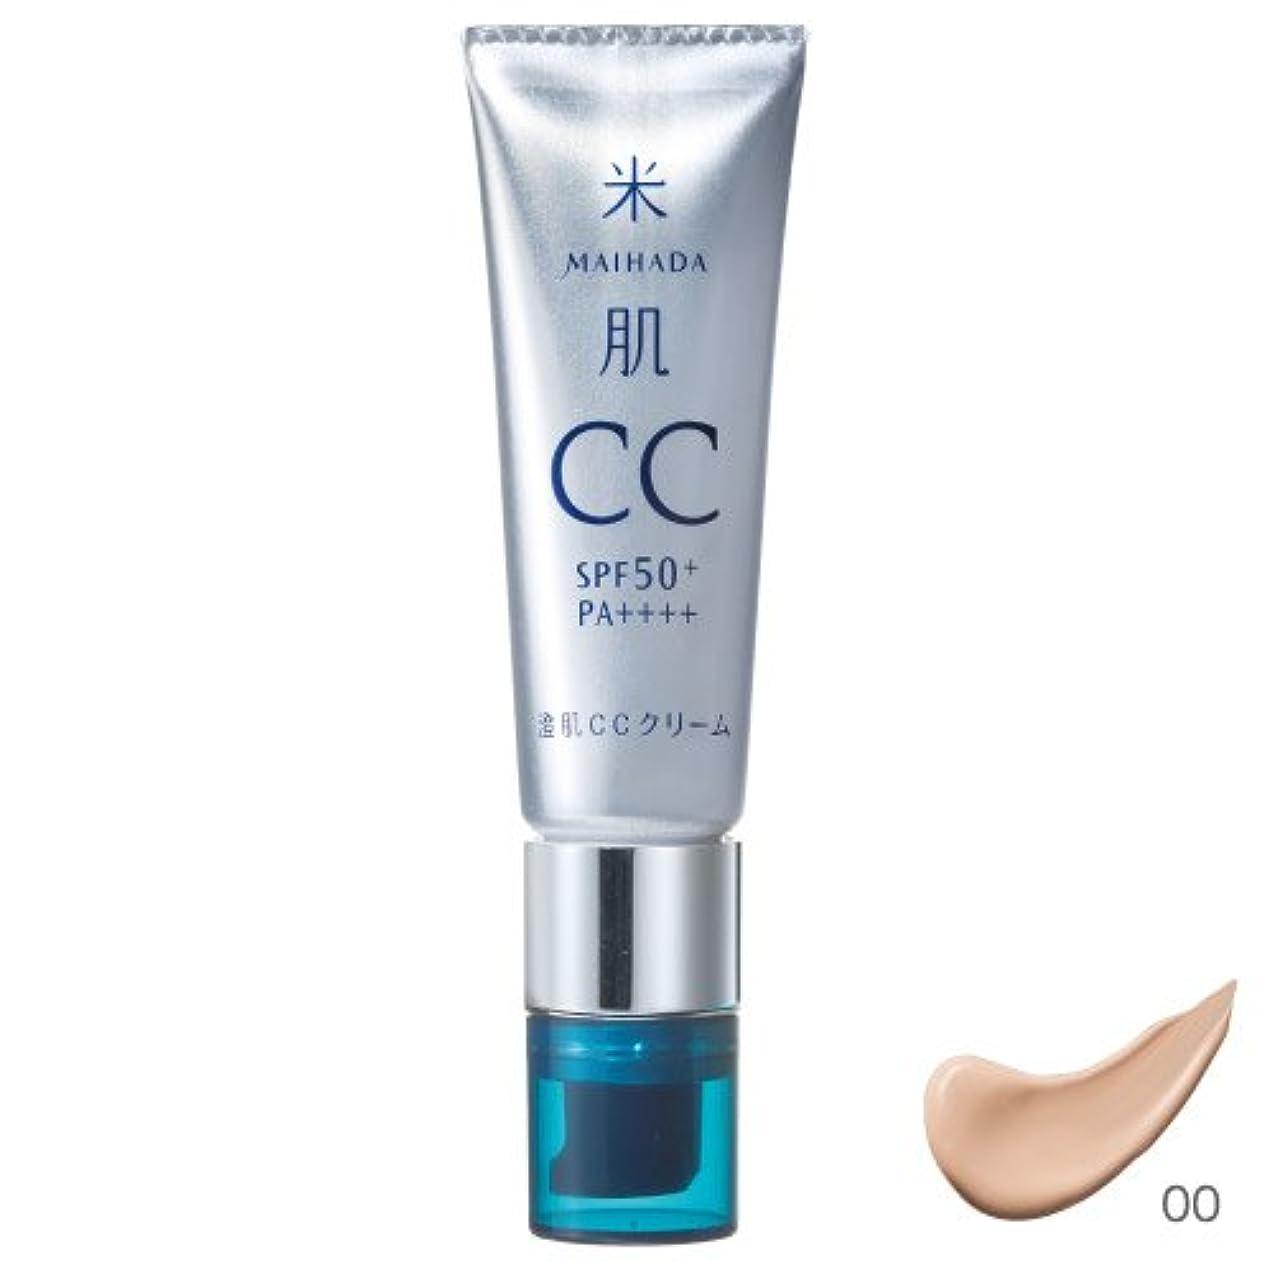 置換分割しばしば米肌(MAIHADA) 澄肌CCクリーム (00) コーセー KOSE